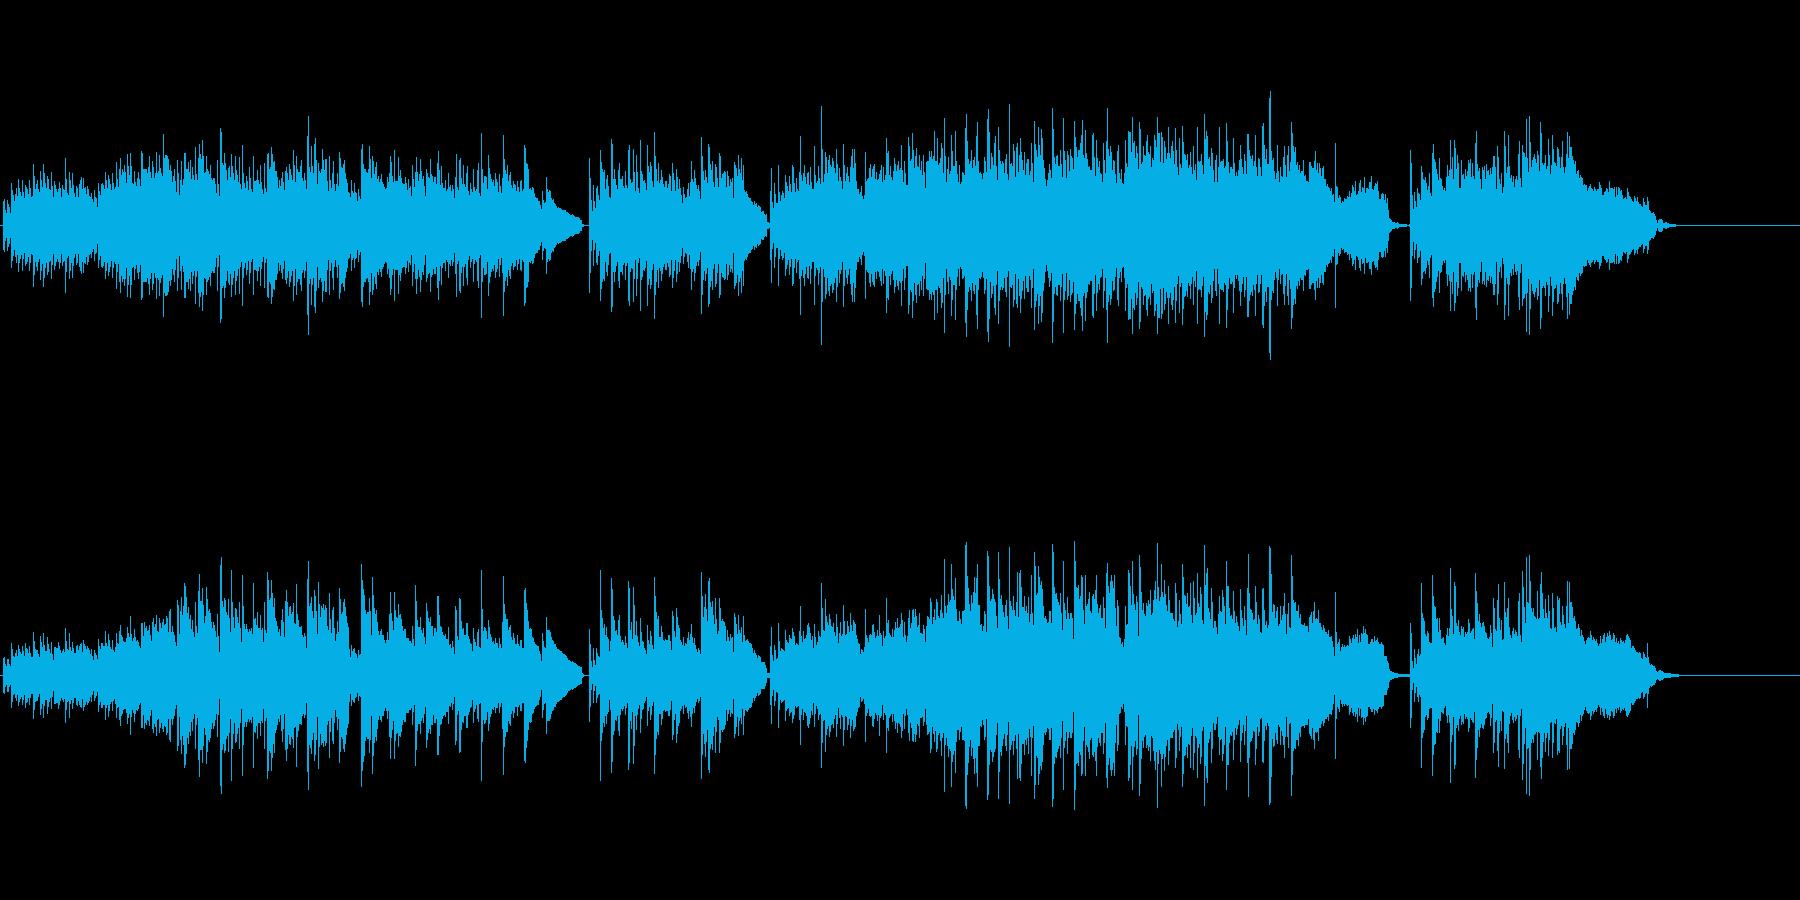 ギターデュオとストリングスによるフォークの再生済みの波形